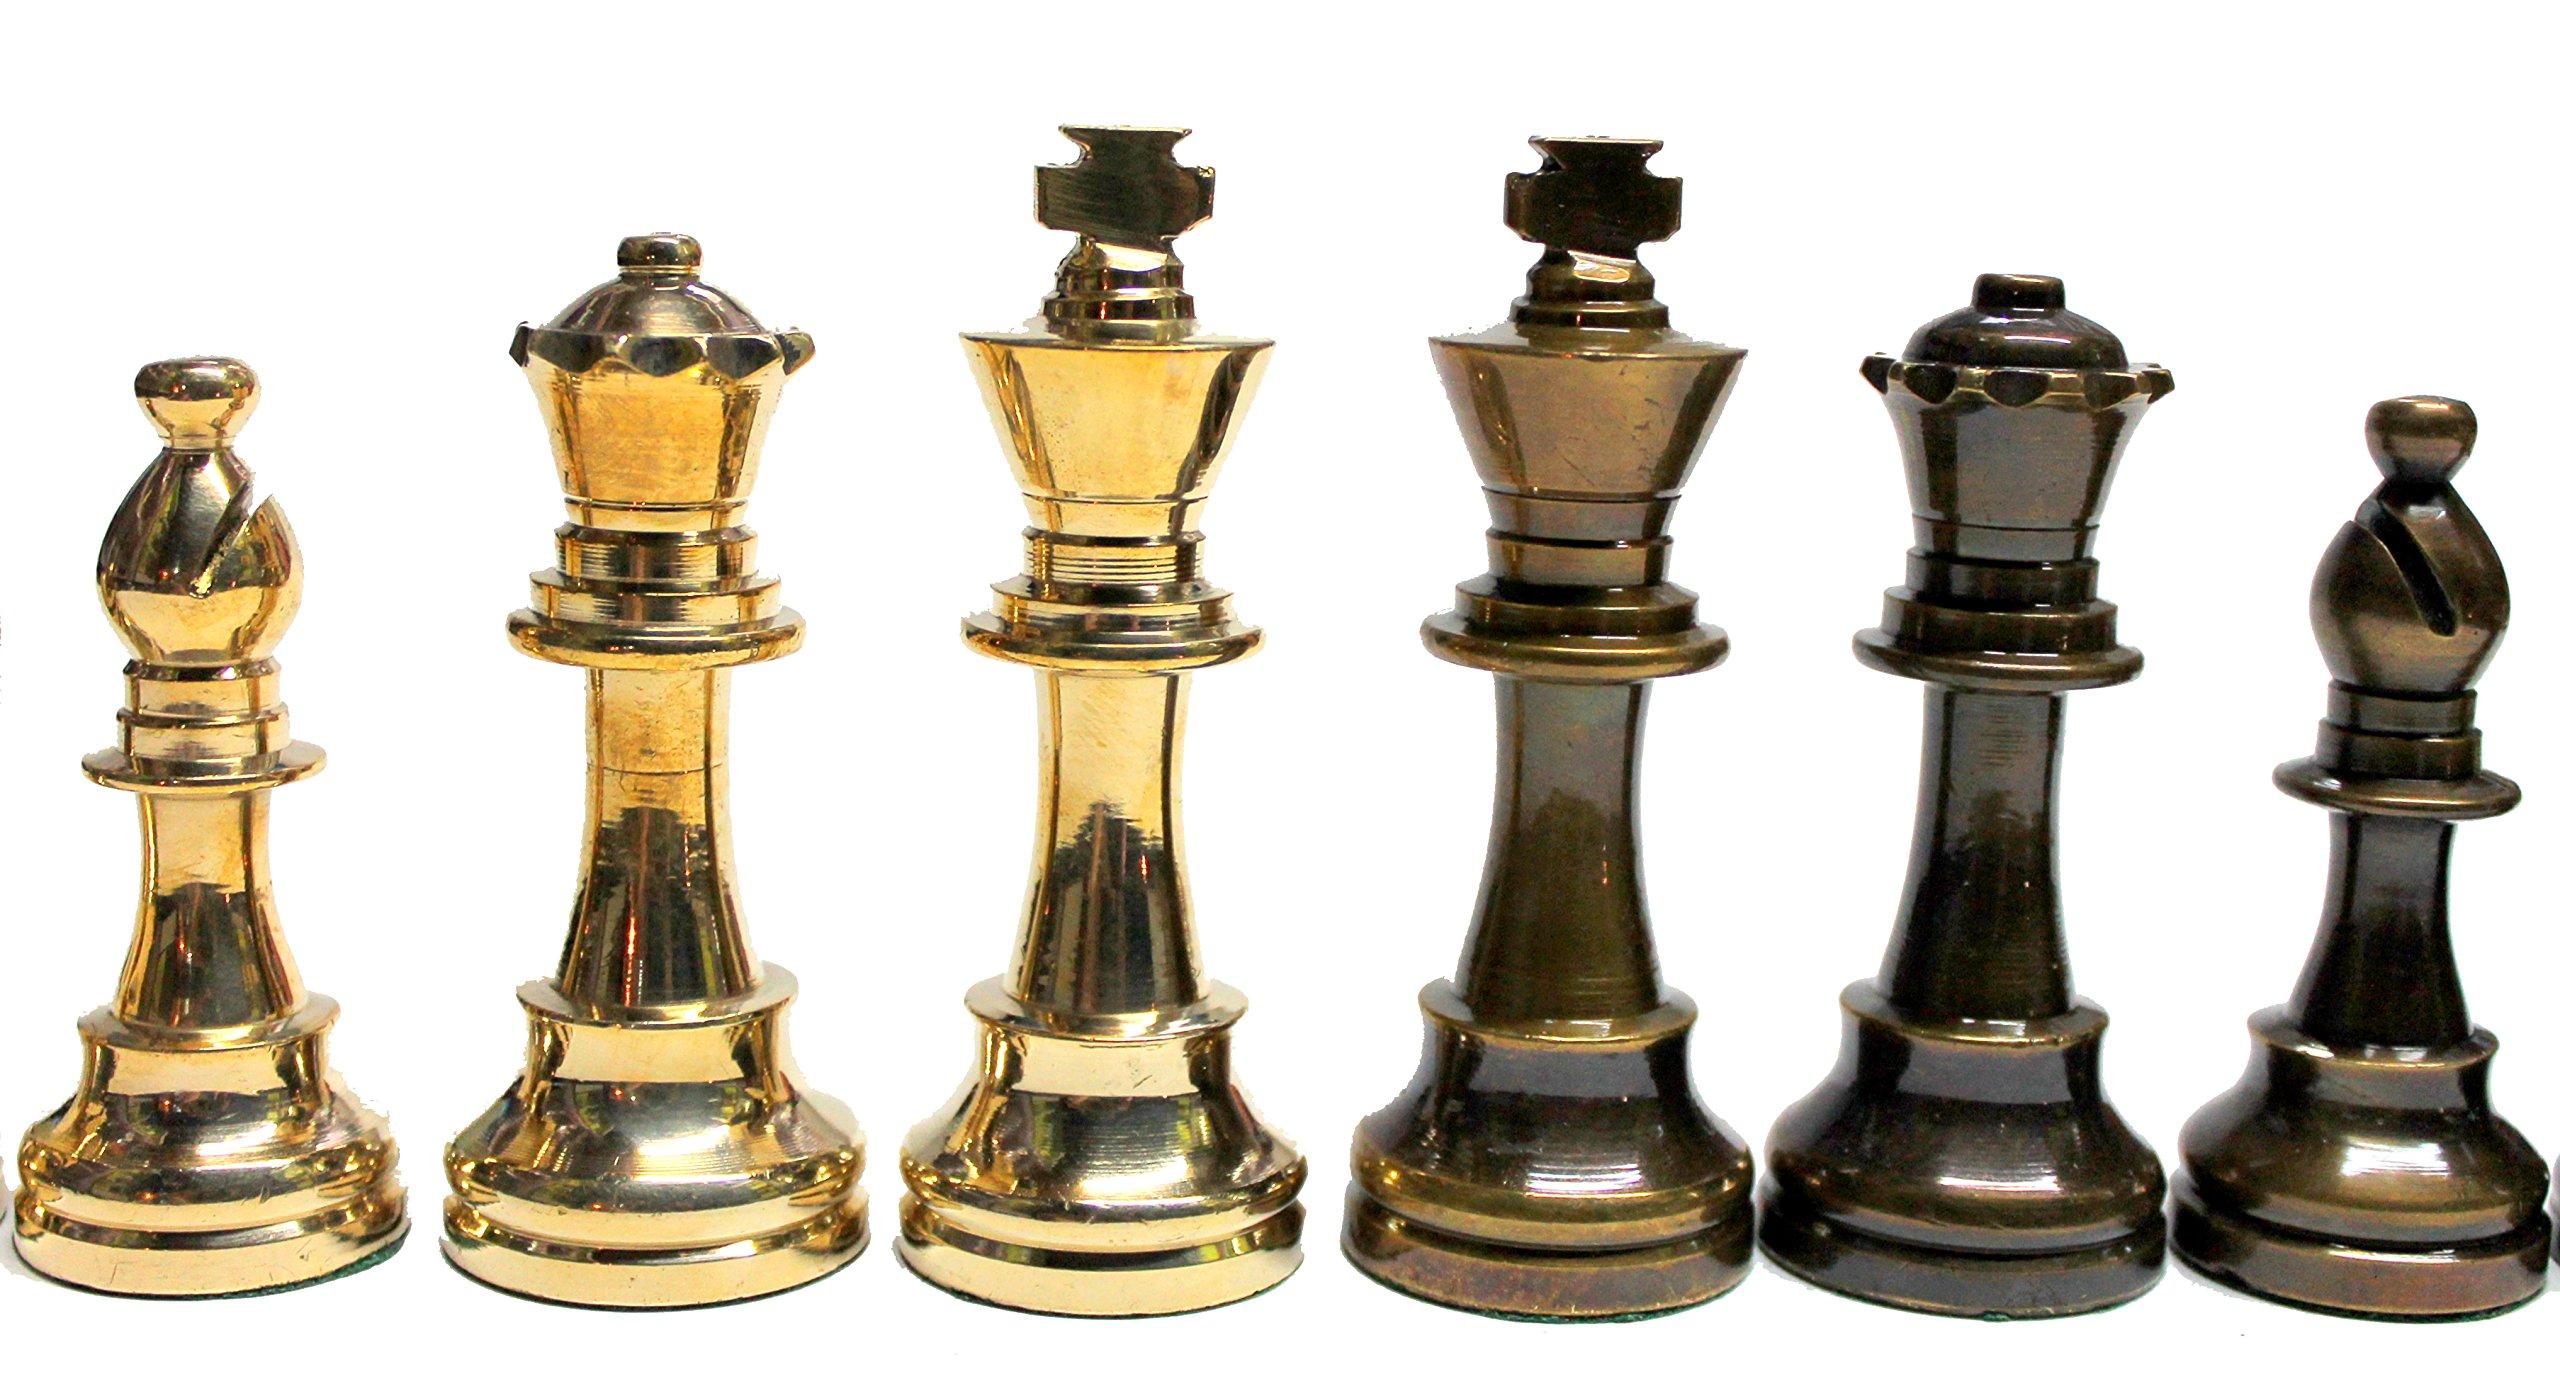 StonKraft-Collector-Edition-Messing-Holz-Schachfiguren-Die-Bauern-Chessmen-Mnzen